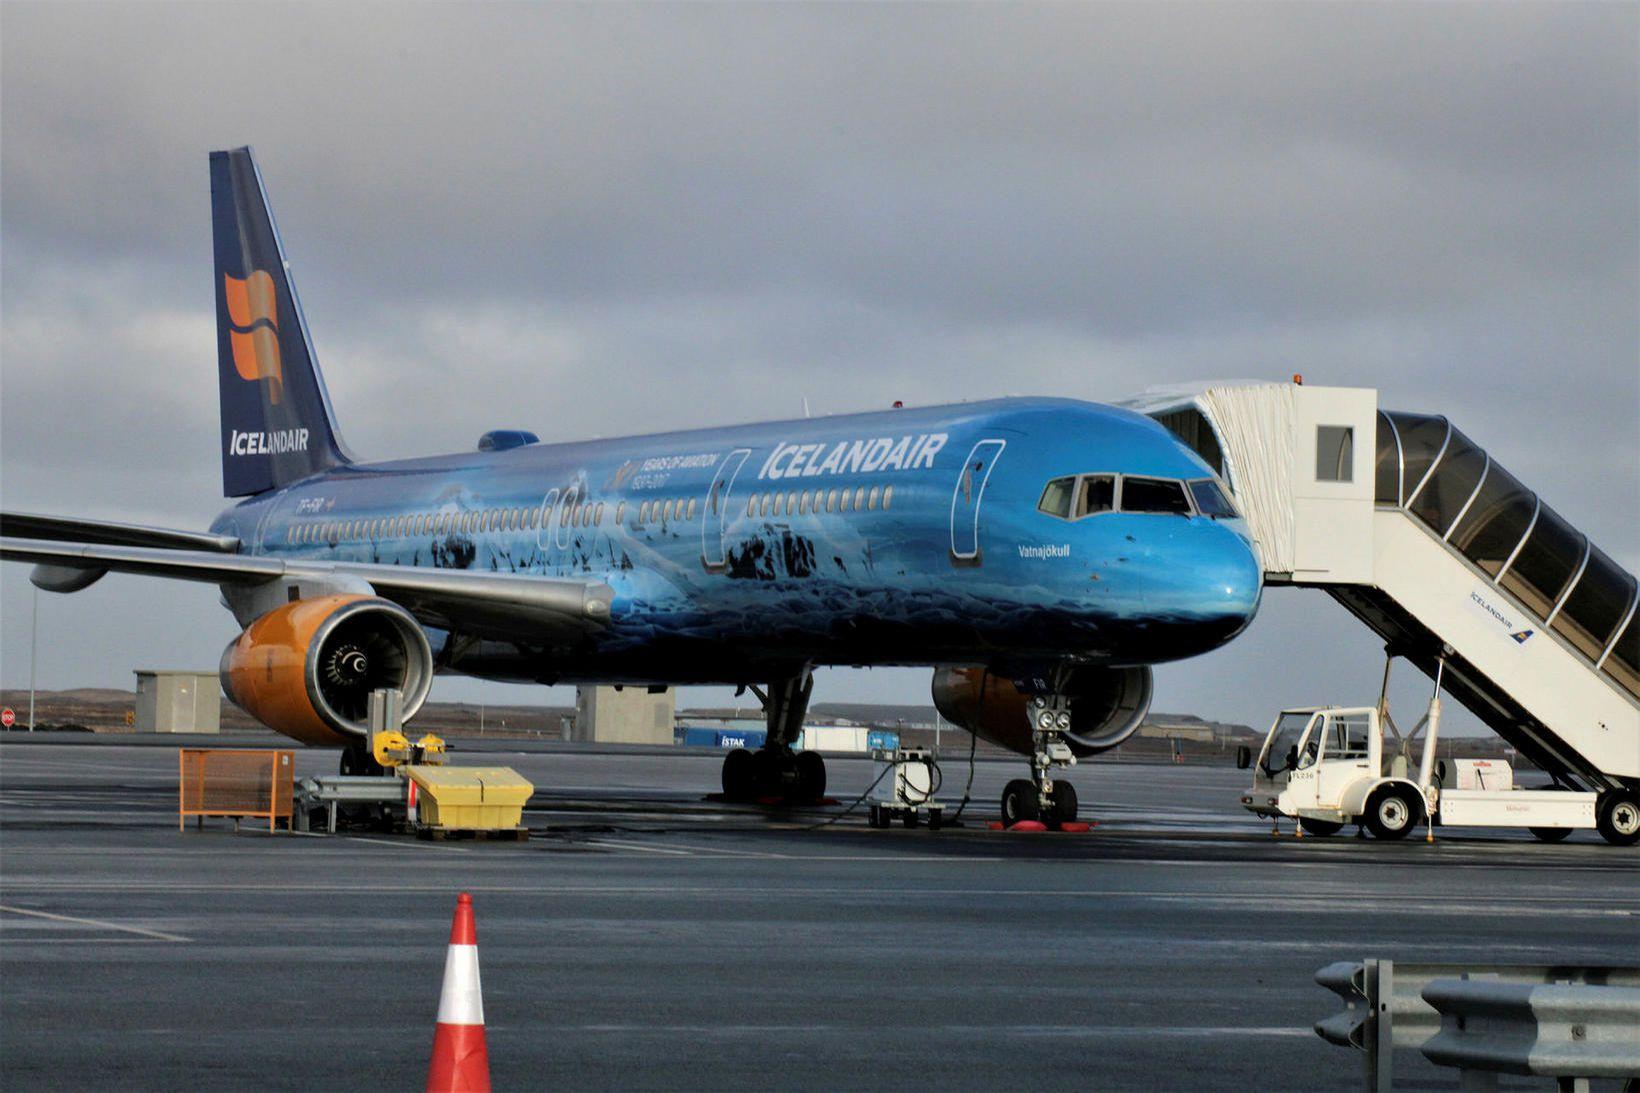 Flugvél Icelandair skammt frá Keflavíkurflugvelli. Félagið þarf nú að búa …